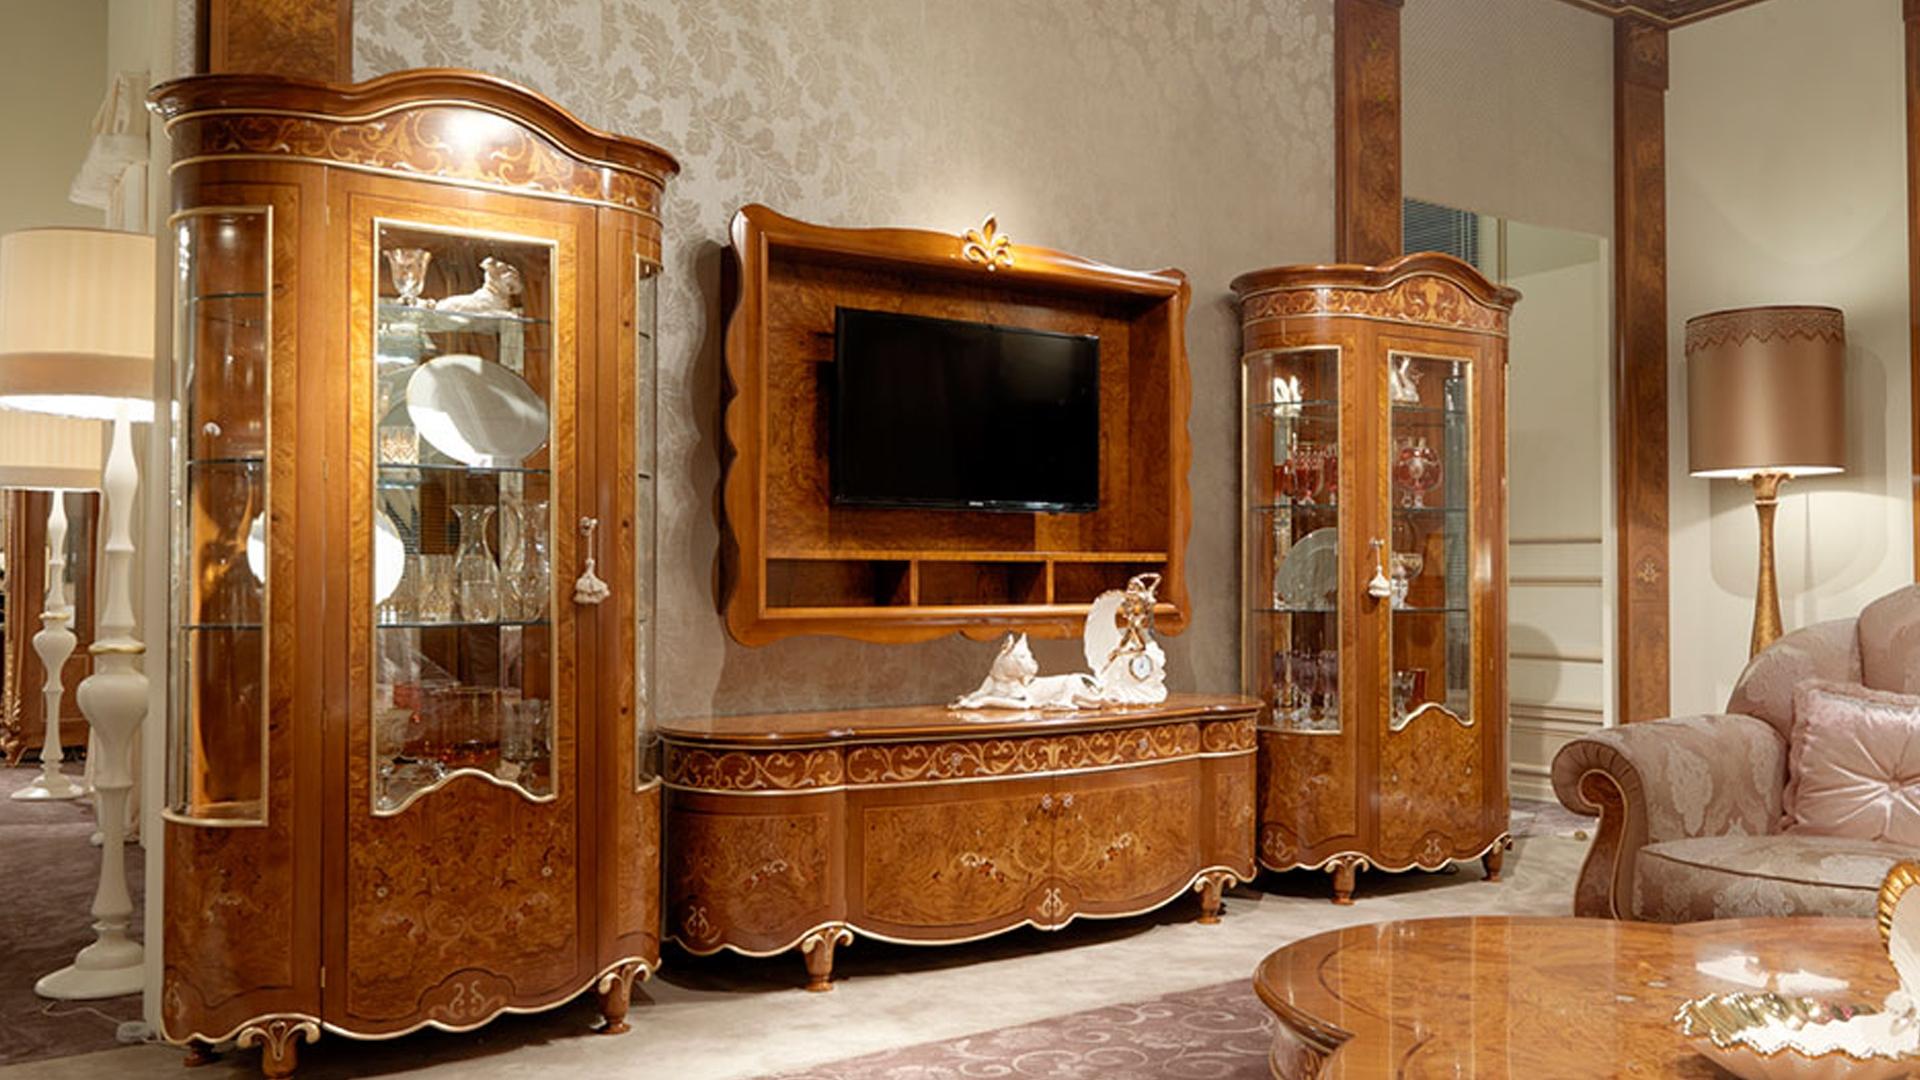 Mobile sottolavello da cucina profondita 5o cm - Parete attrezzata classica prezzi ...